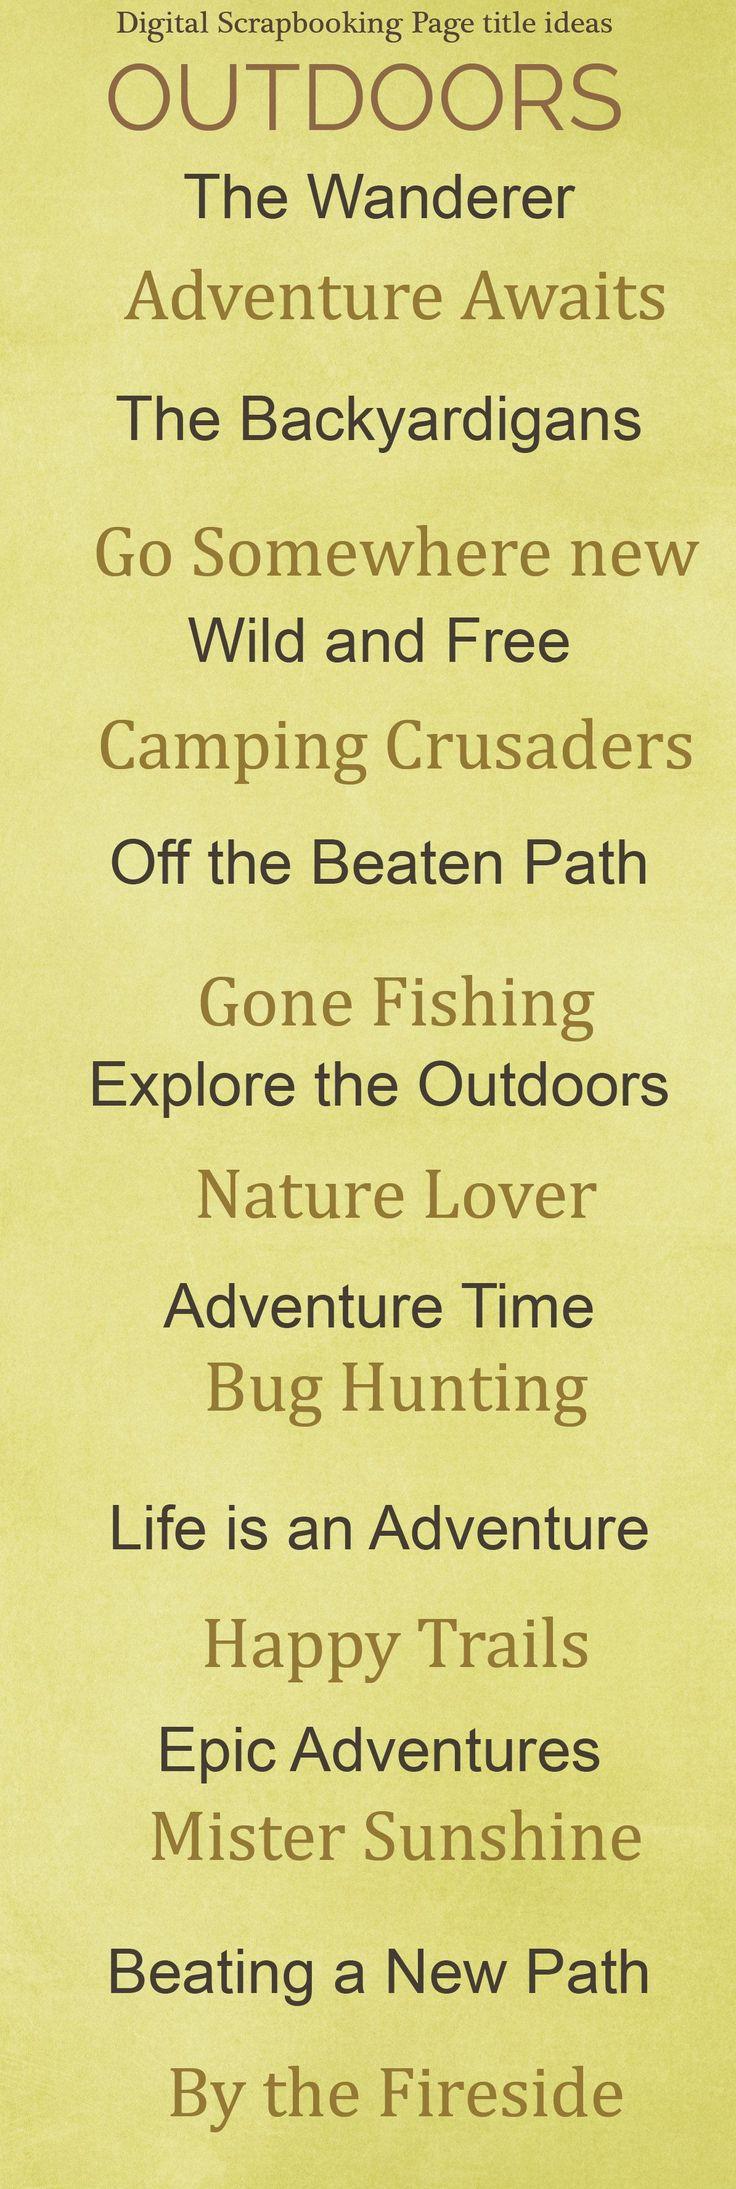 Zoo animal scrapbook ideas - Outdoor Scrapbook Titles Fishing Boys Woods